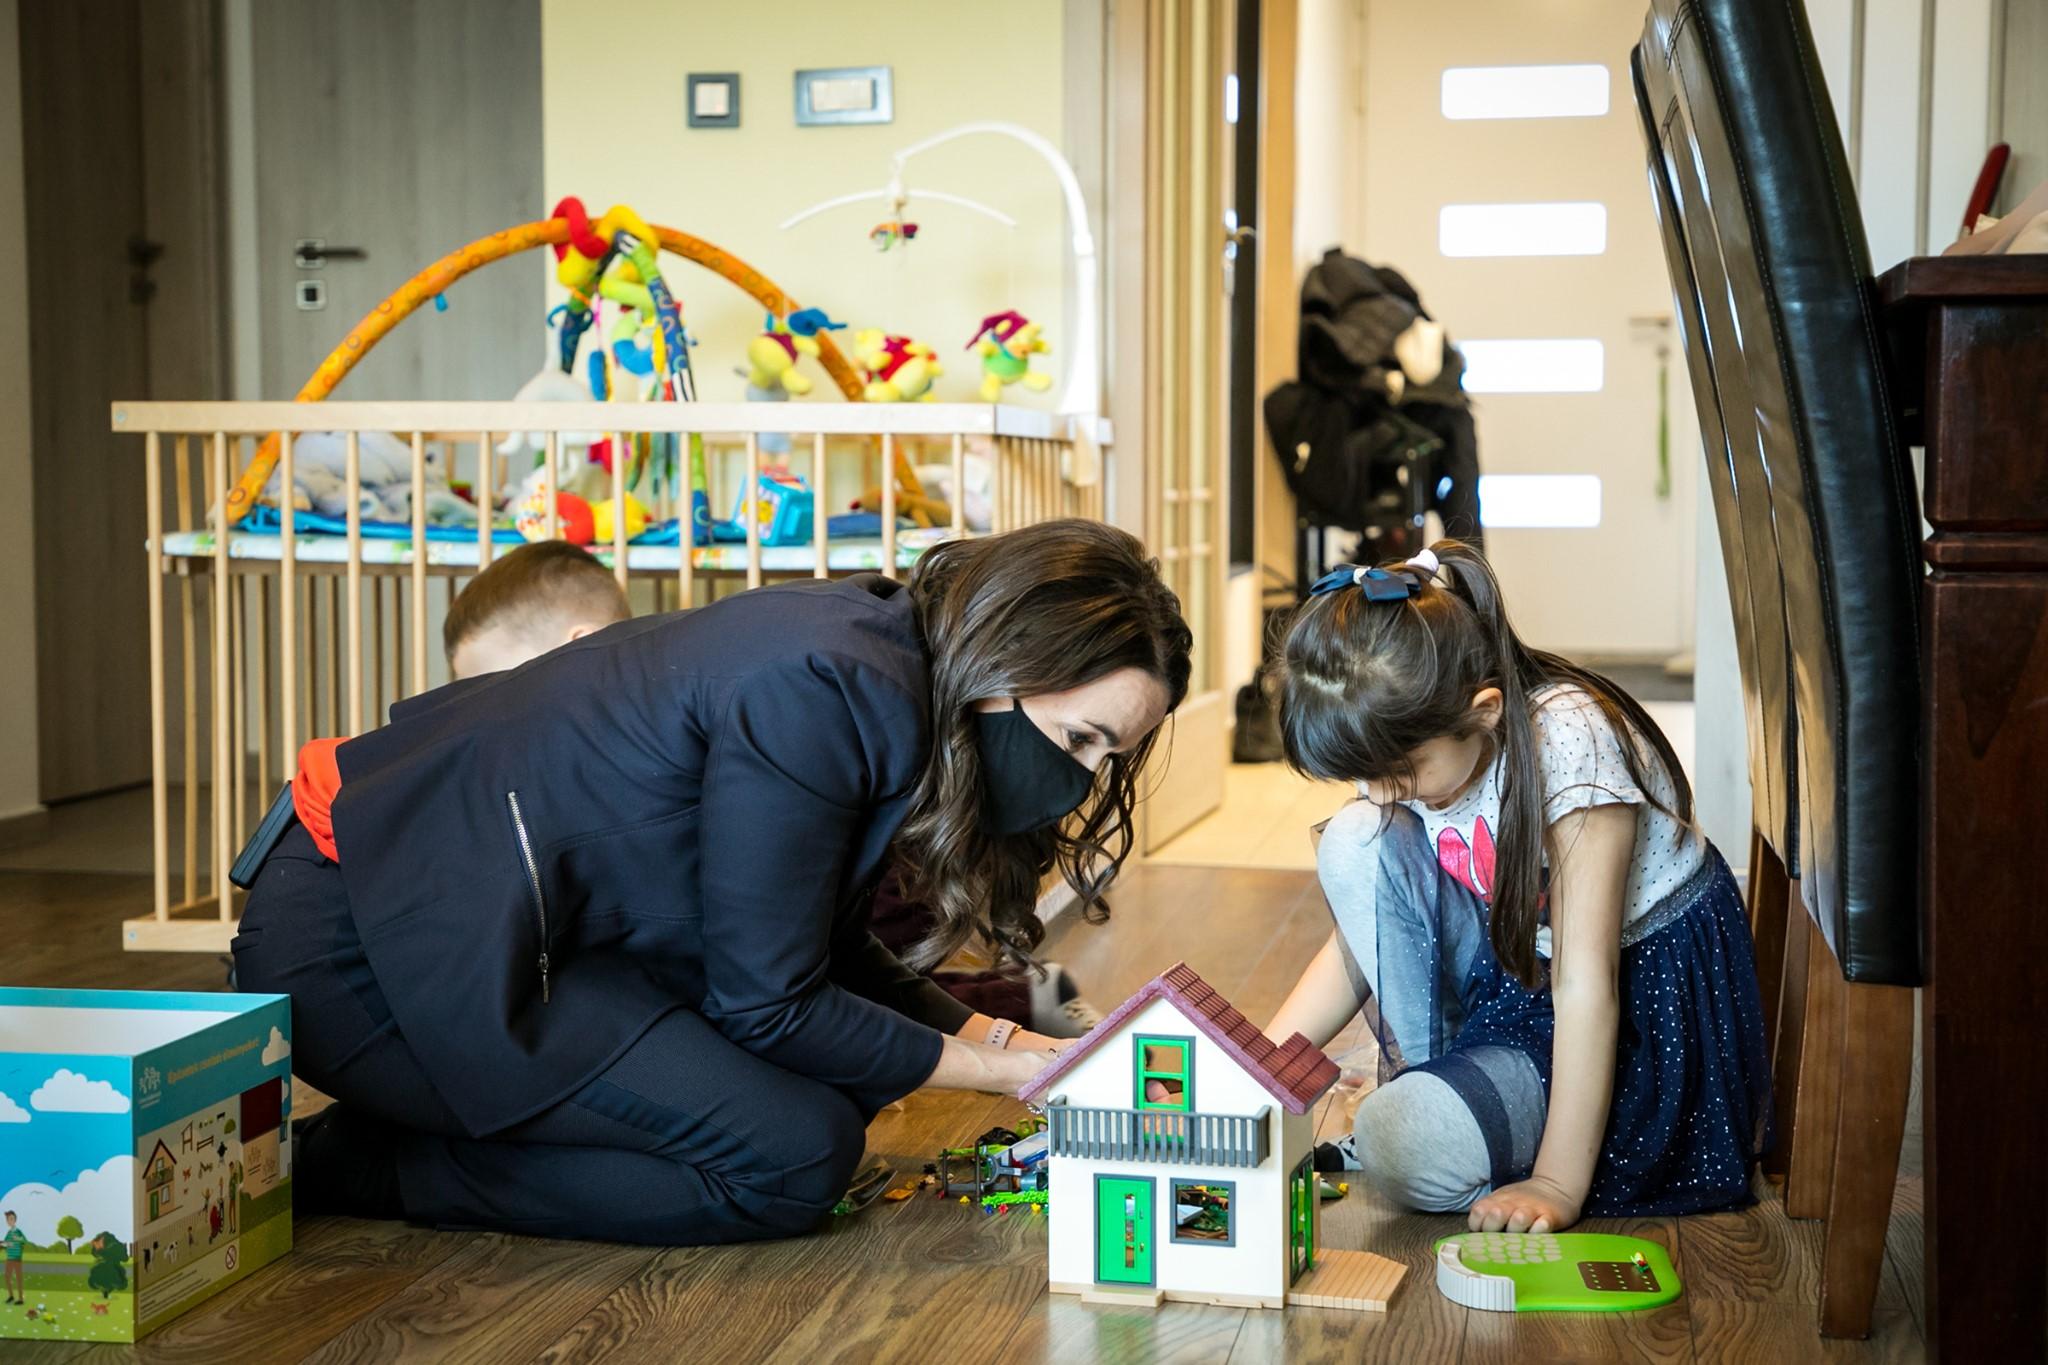 novák katalin with kids